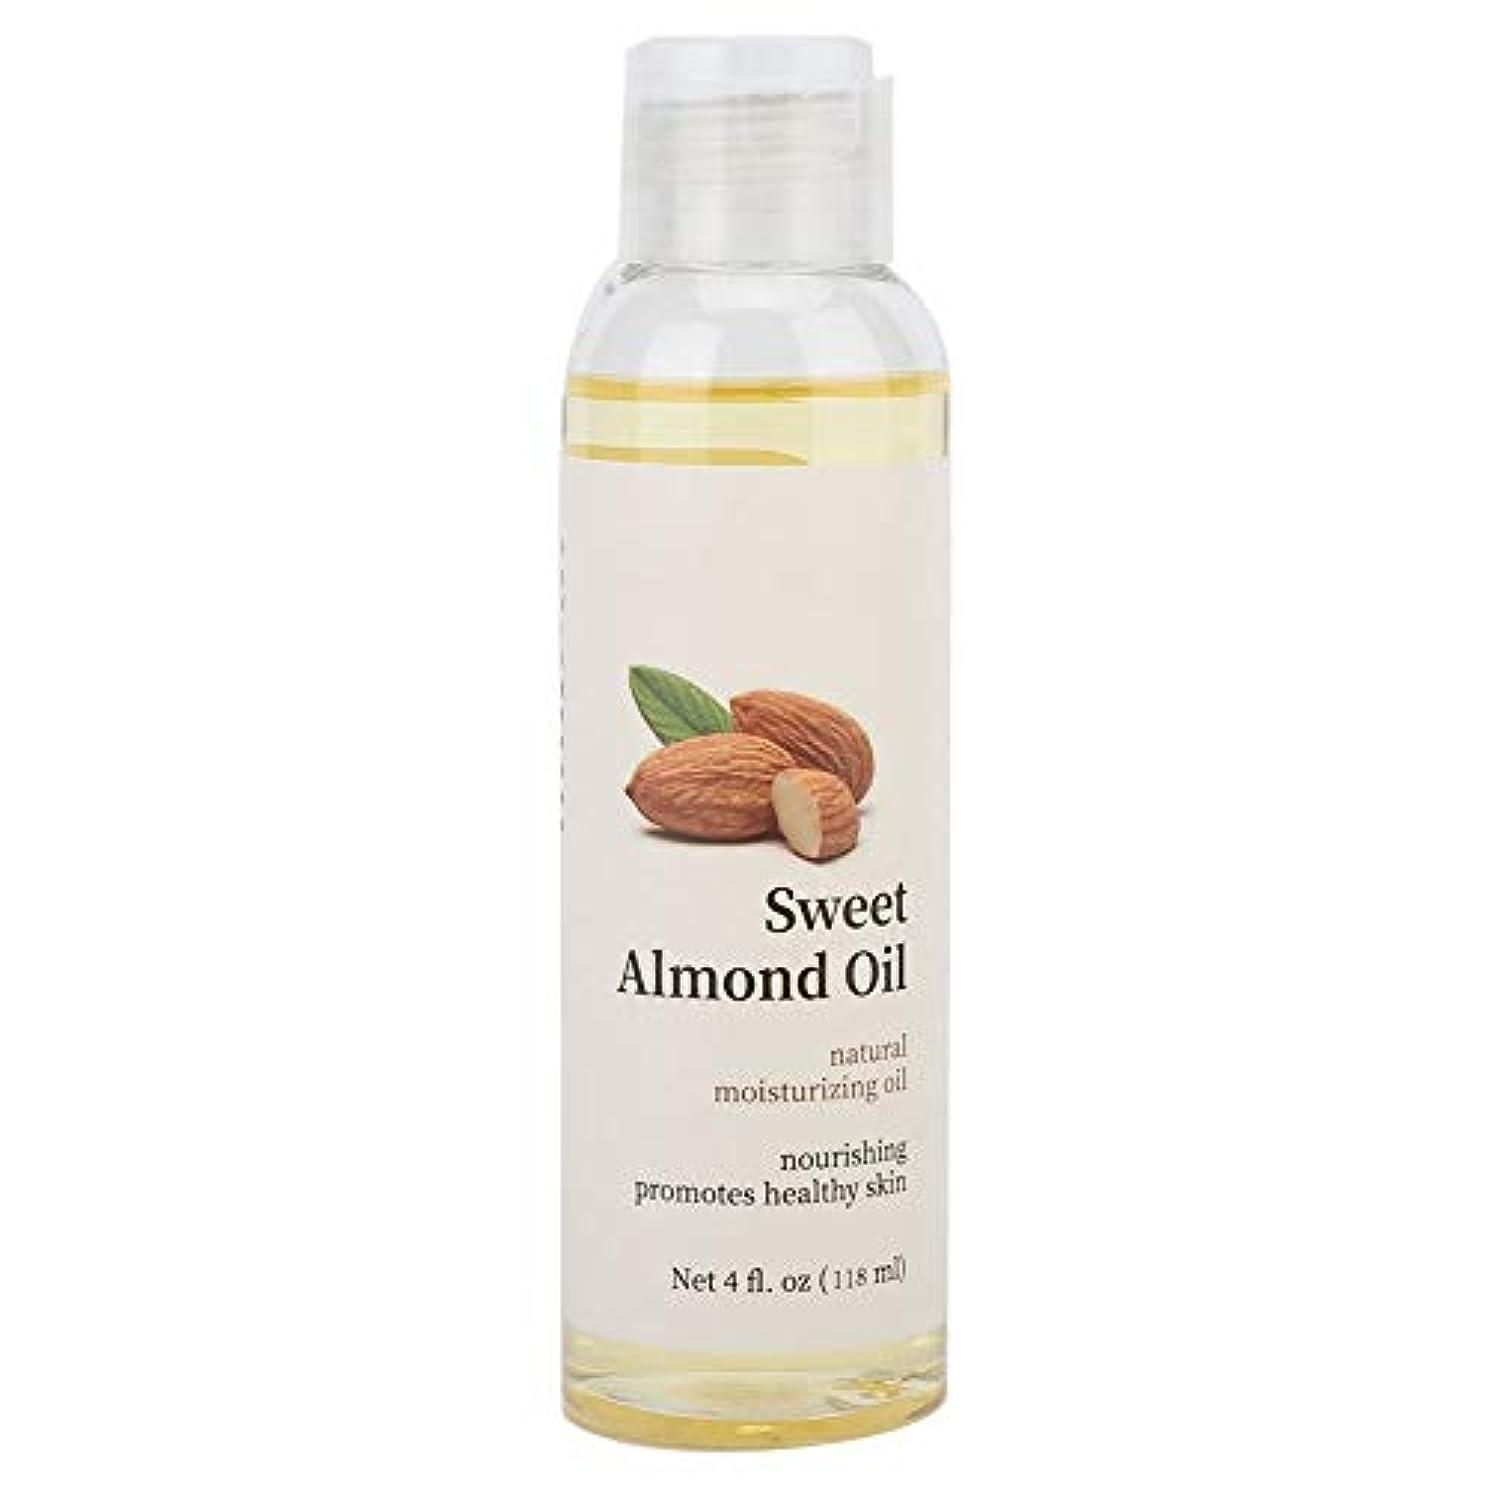 穀物セブン診療所アーモンド ボディマッサージオイル、スキンケアエッセンシャルオイル保湿 スキンケアとヘアケアに最適、肌と顔の柔らかさ、男性と女性の両方に最適118ml